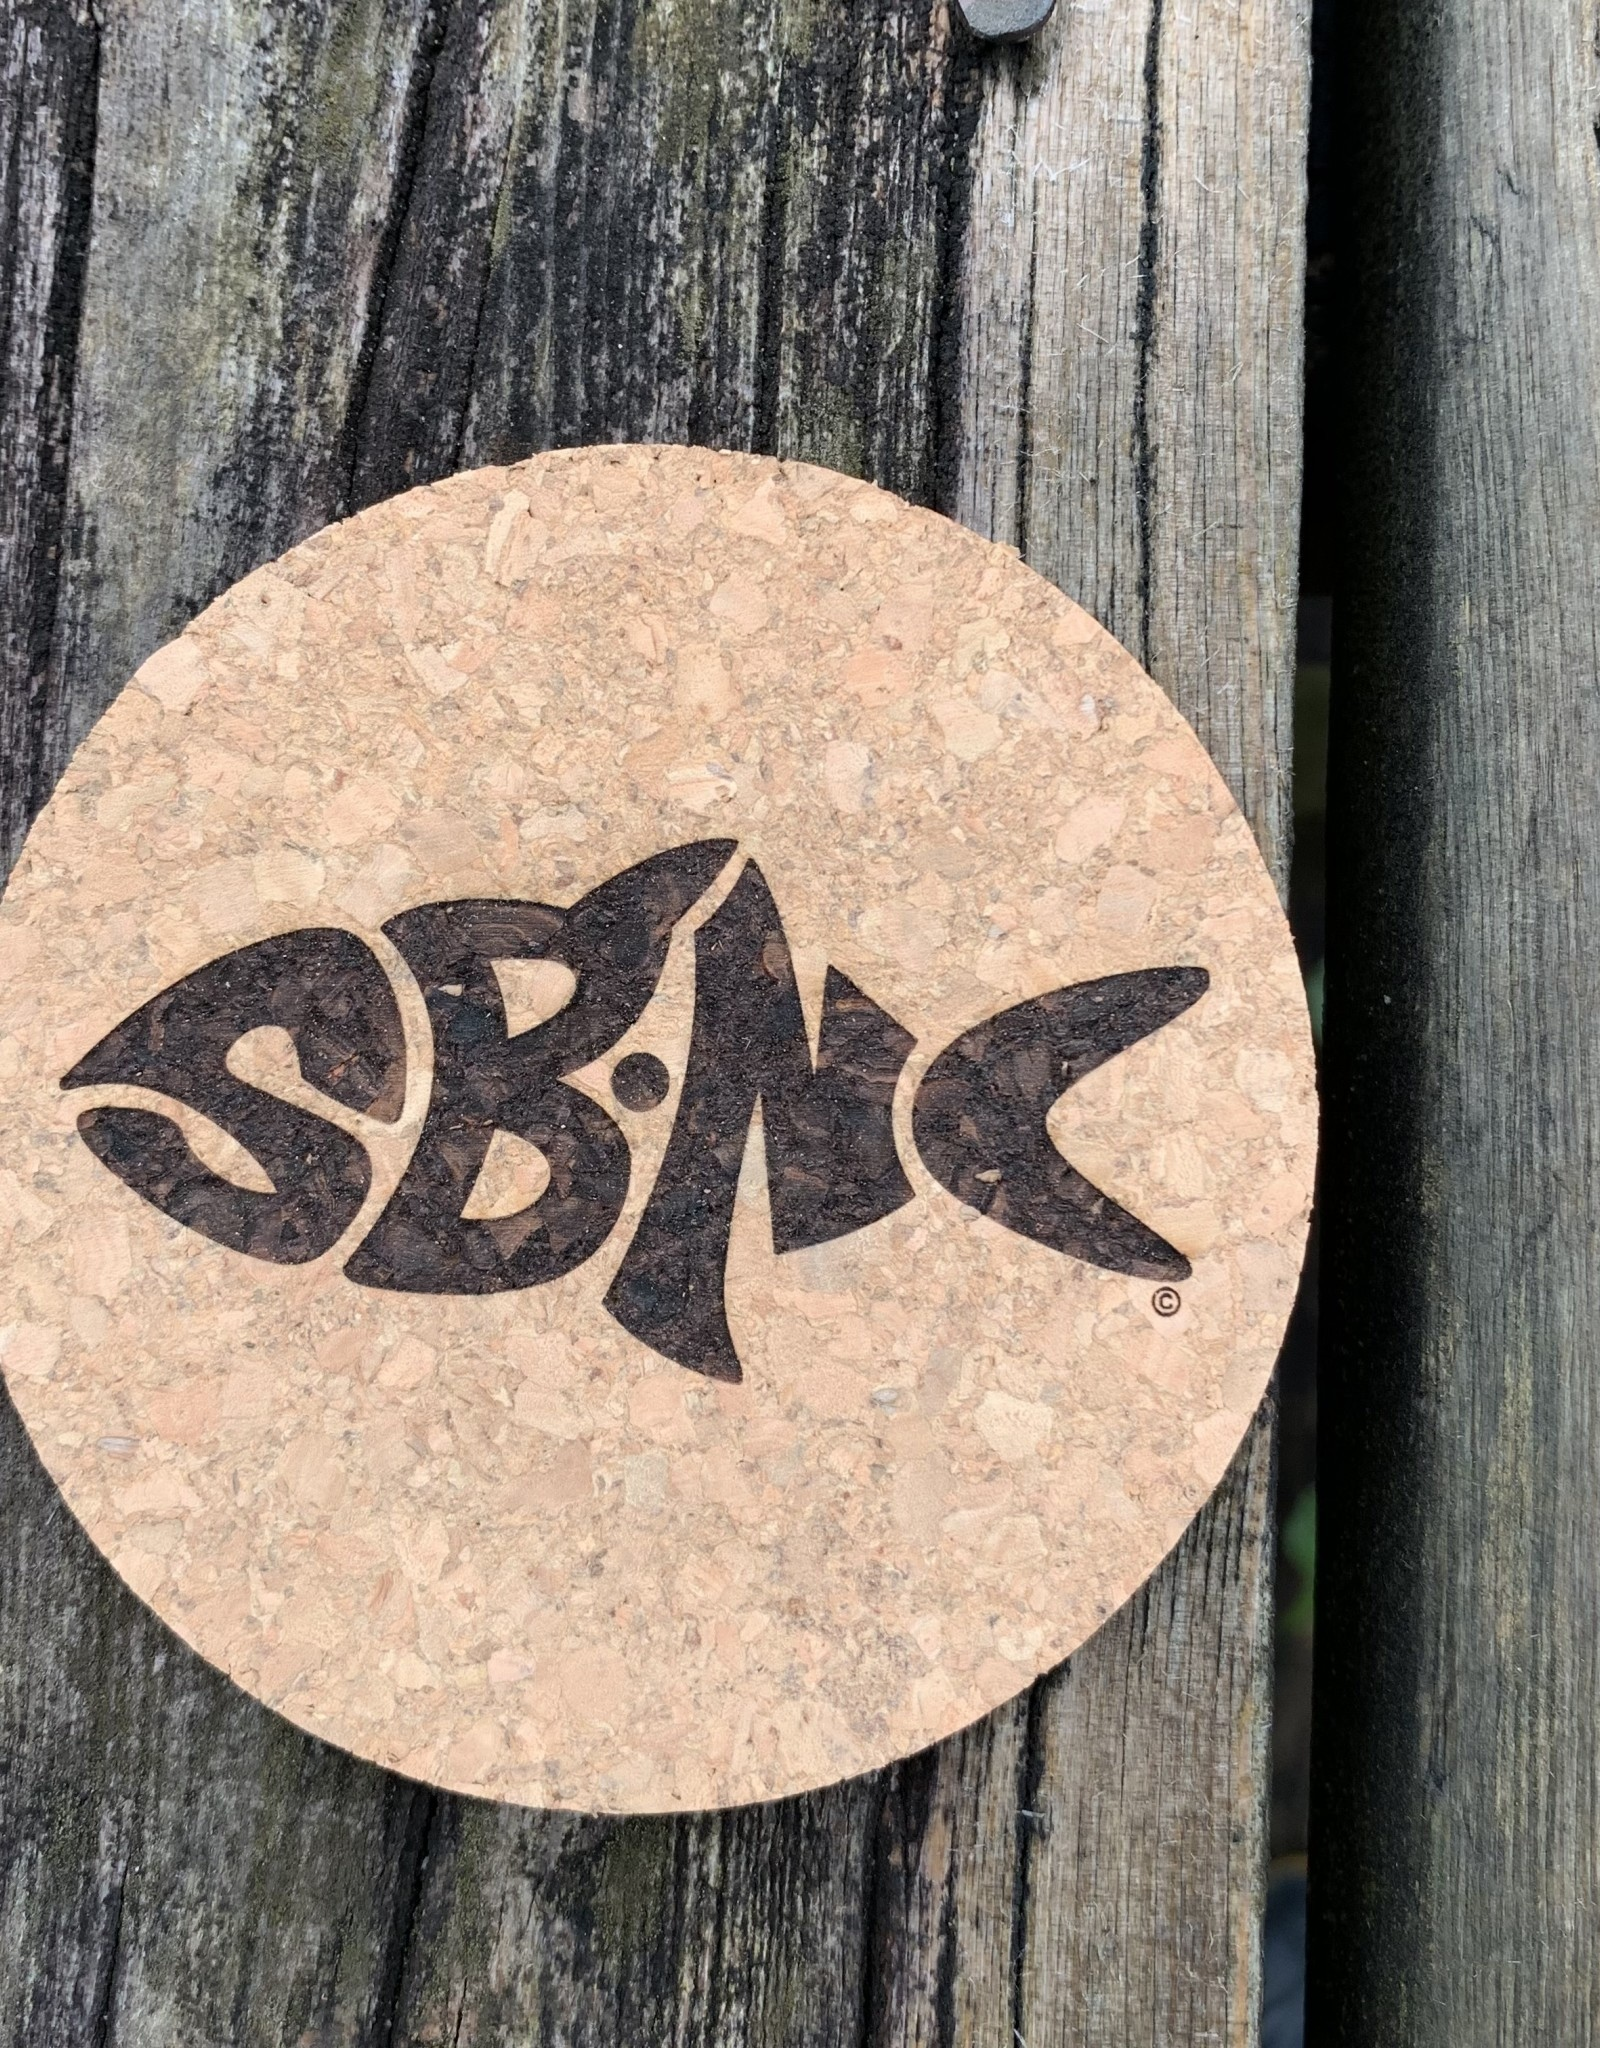 sbncfish SBNC FISH ROUND CORK COASTER